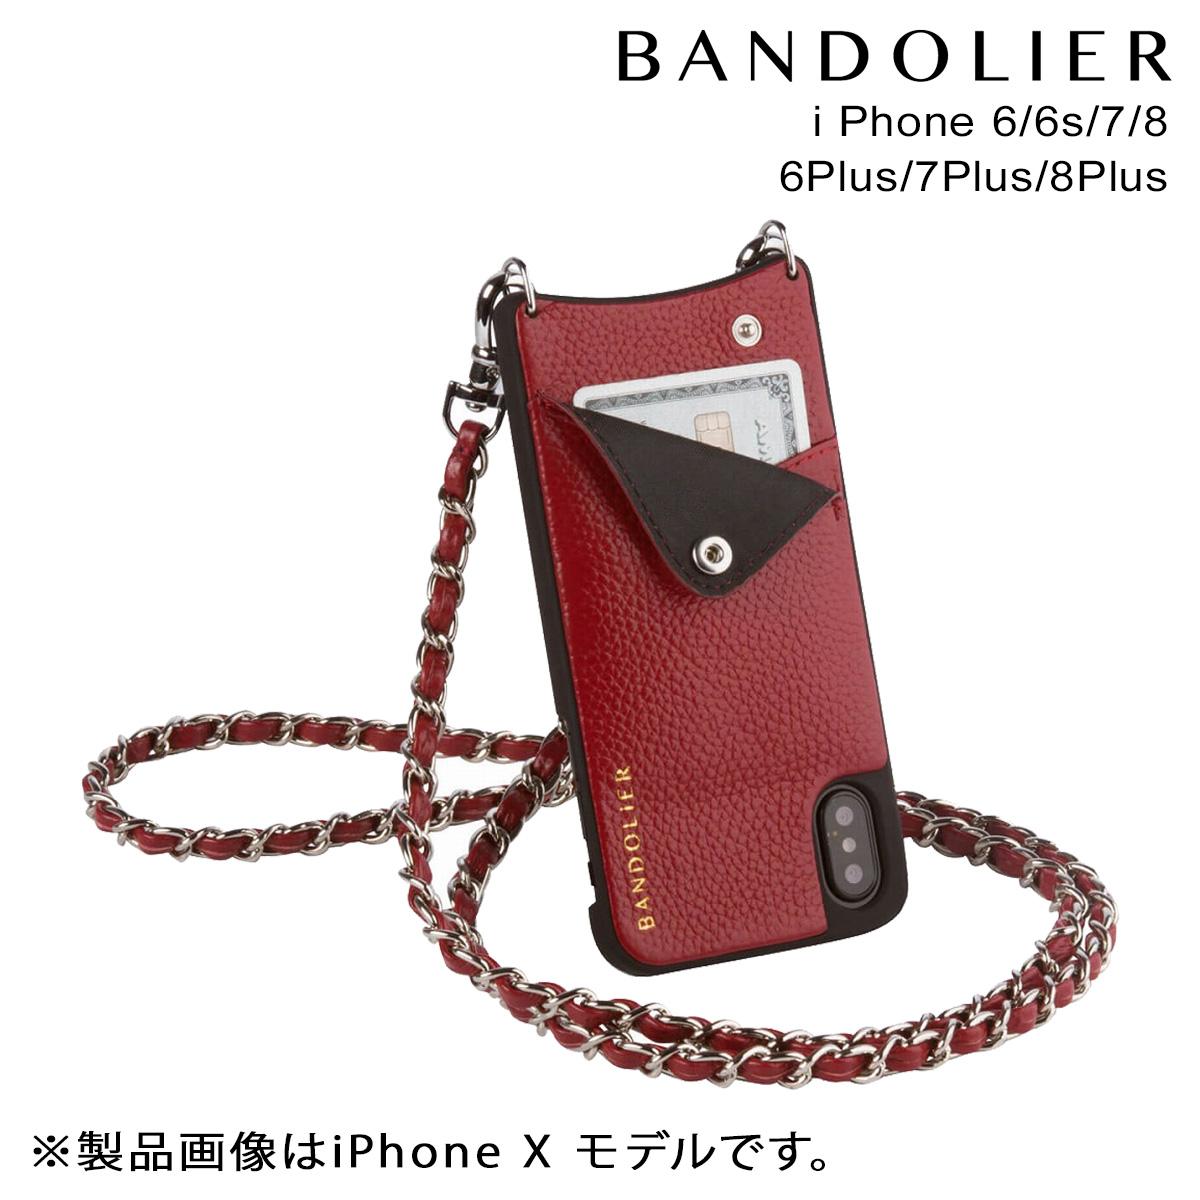 バンドリヤー BANDOLIER iPhone8 iPhone7 7Plus 6s ケース スマホ アイフォン プラス LUCY CRIMSON メンズ レディース [10/24 新入荷]